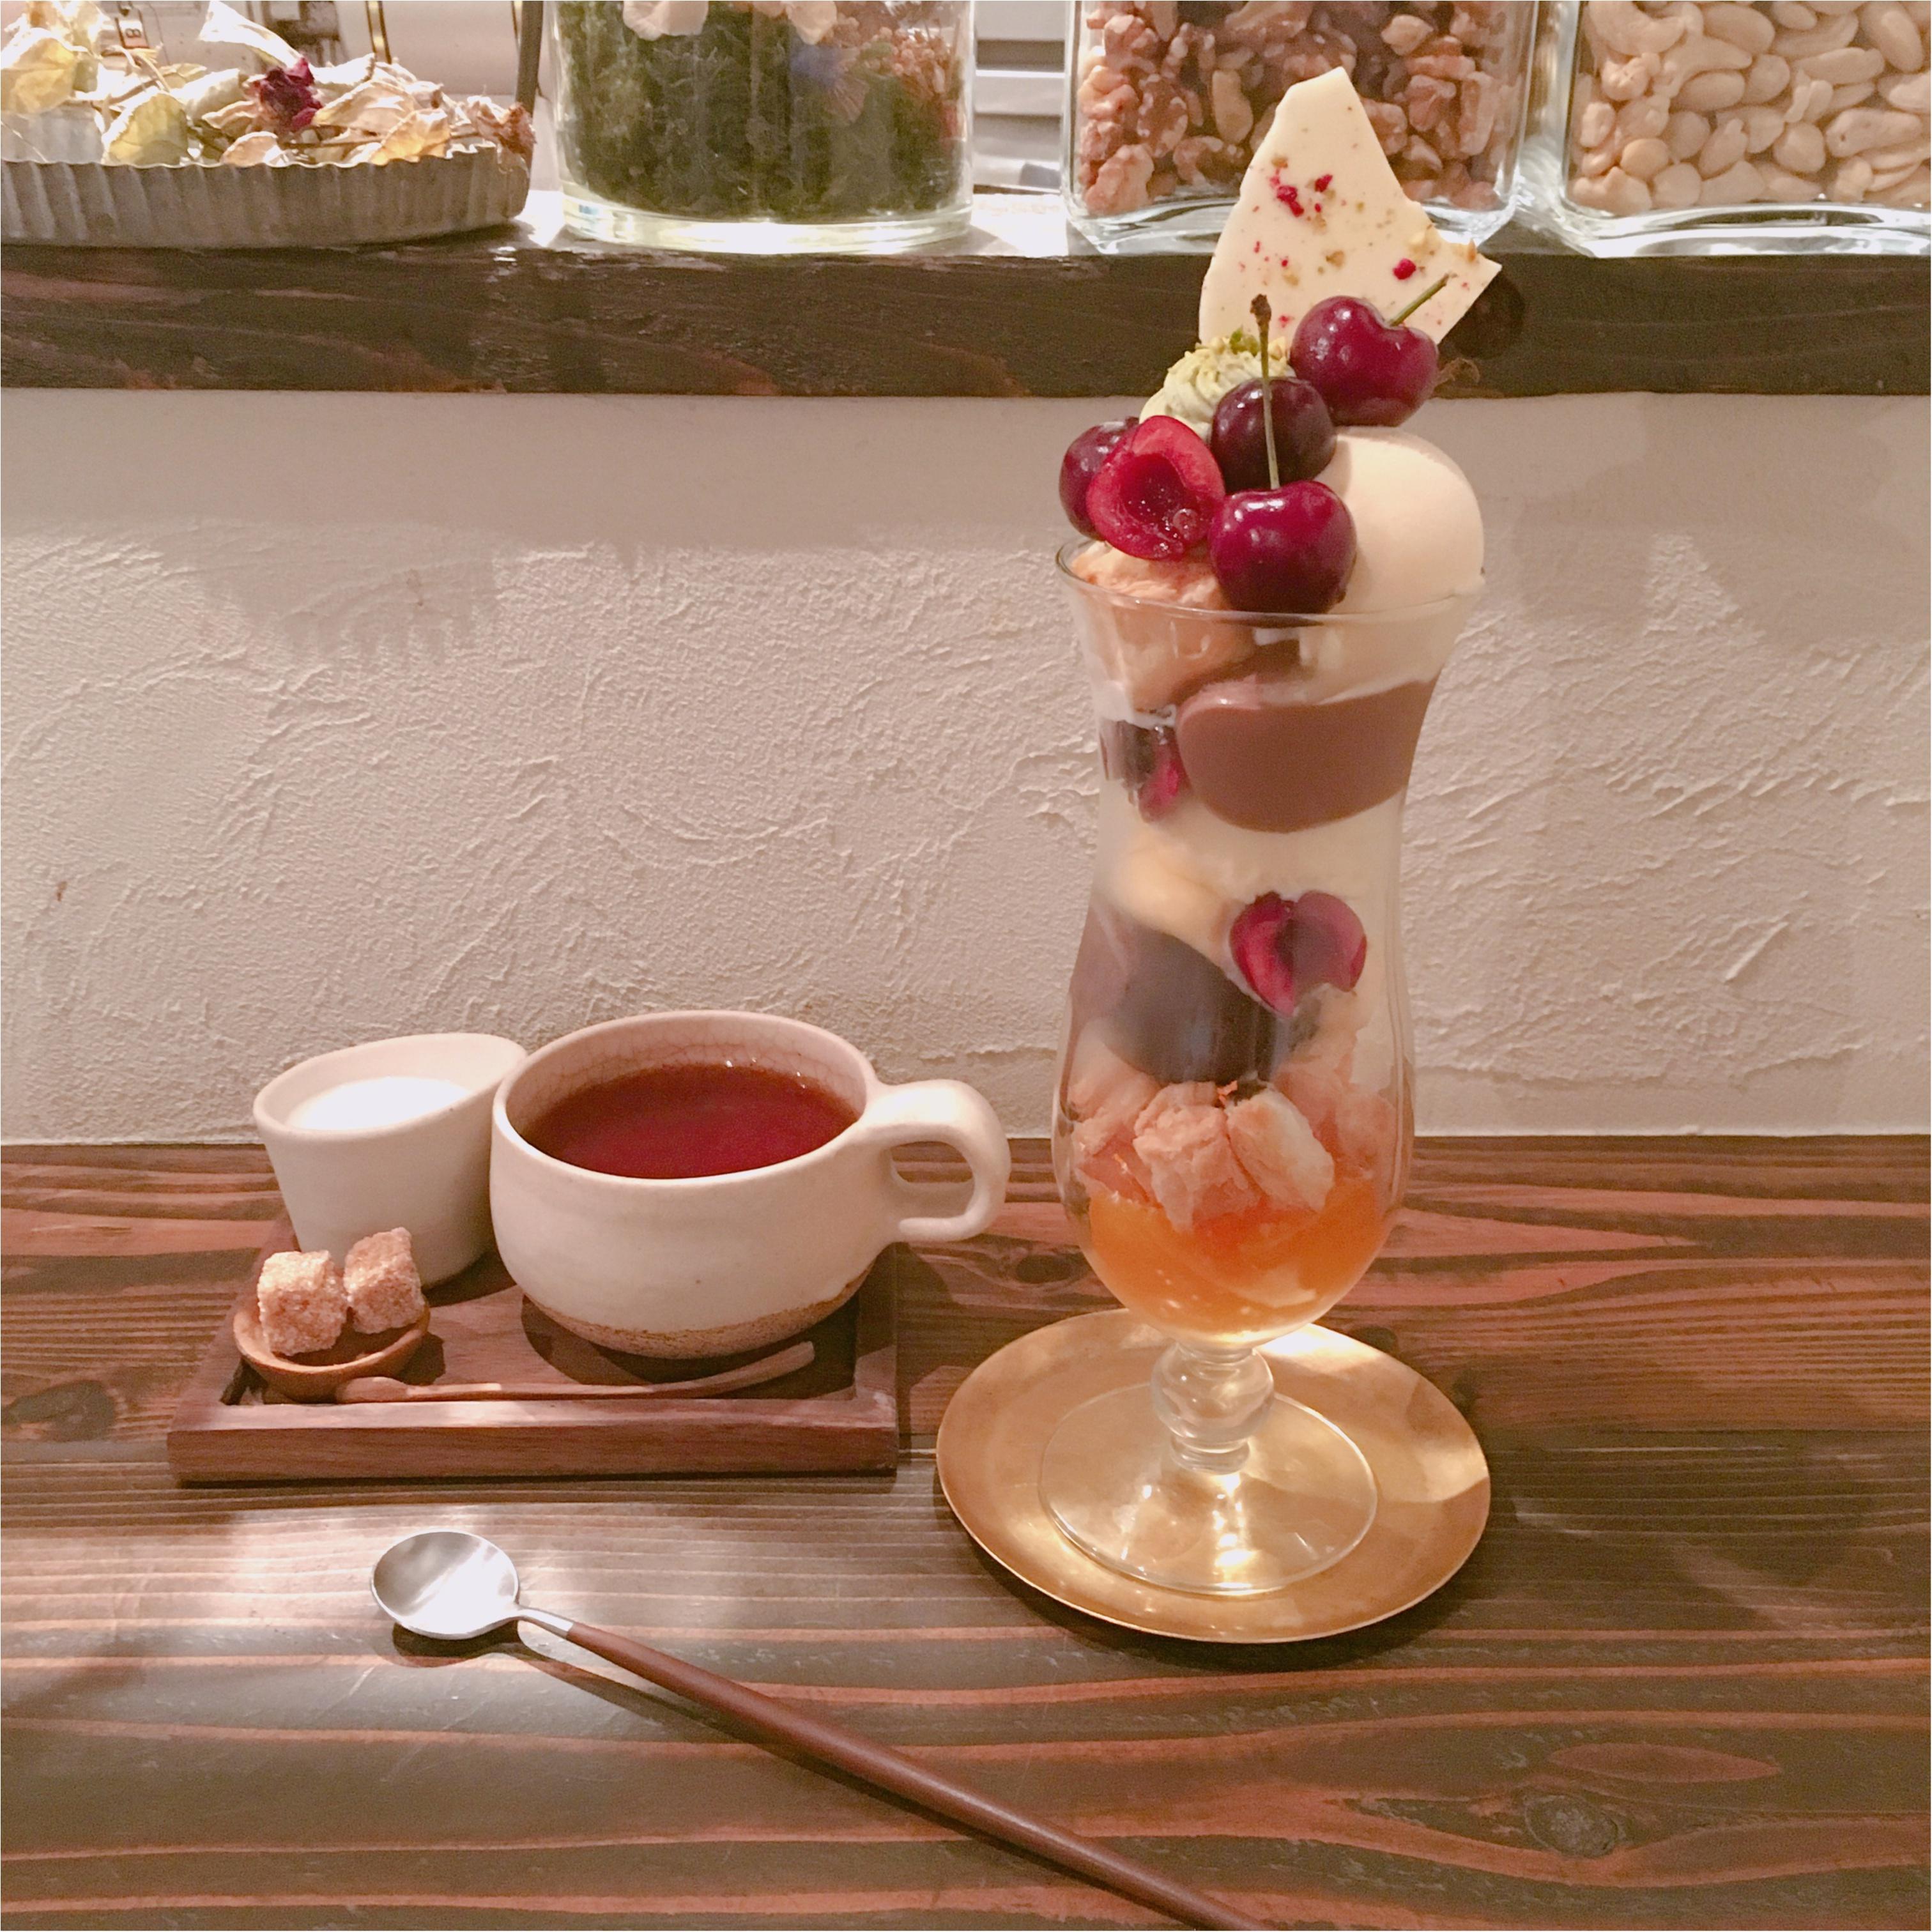 《大好きなカフェめぐり》チェリーがゴロゴロ♪ おしゃれカフェで頂く、季節のフルーツを使ったパフェ♡_5